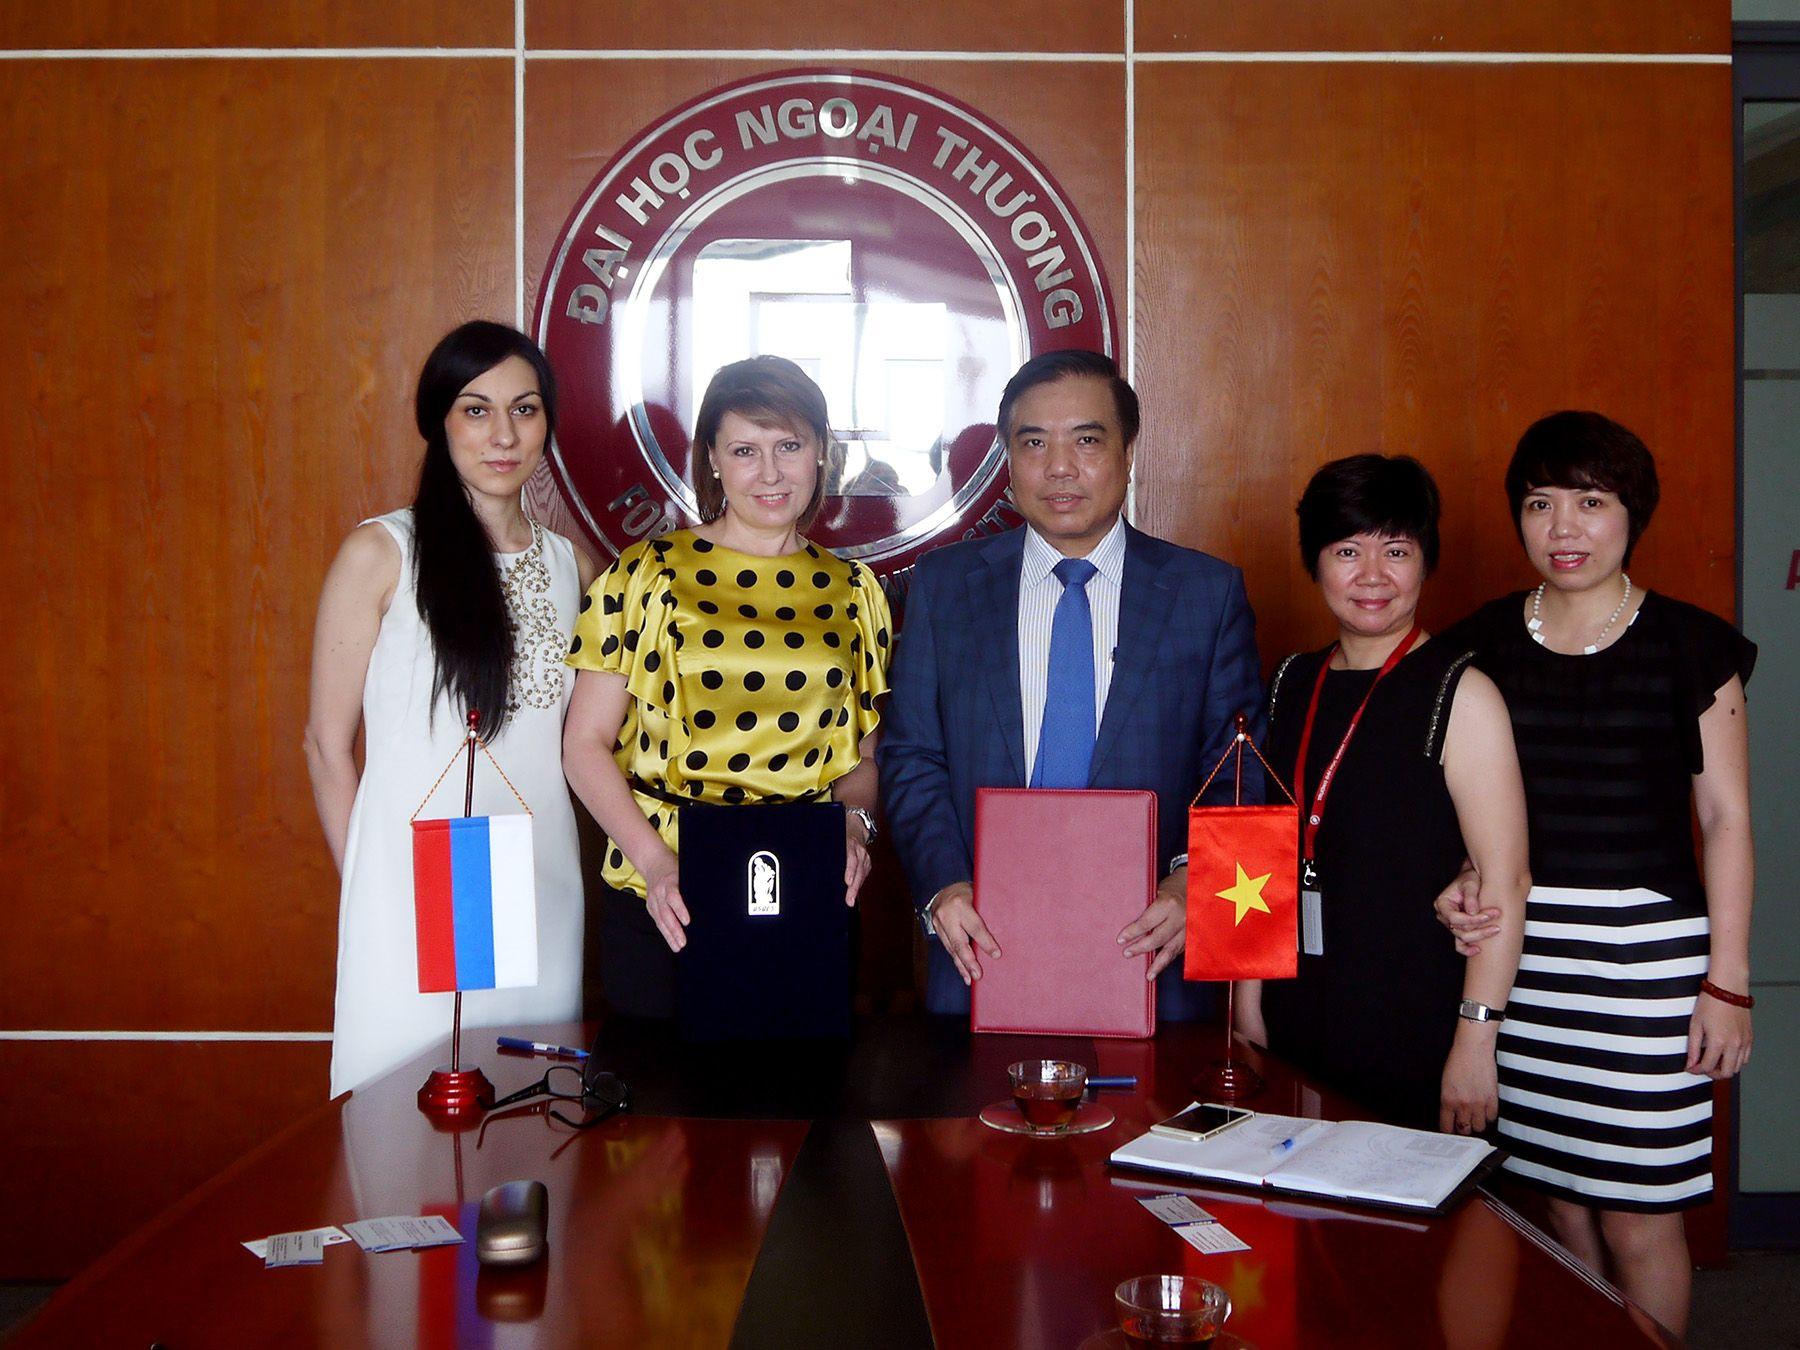 ВГУЭС во Вьетнаме: подписан договор об обмене студентами с Университетом внешней торговли